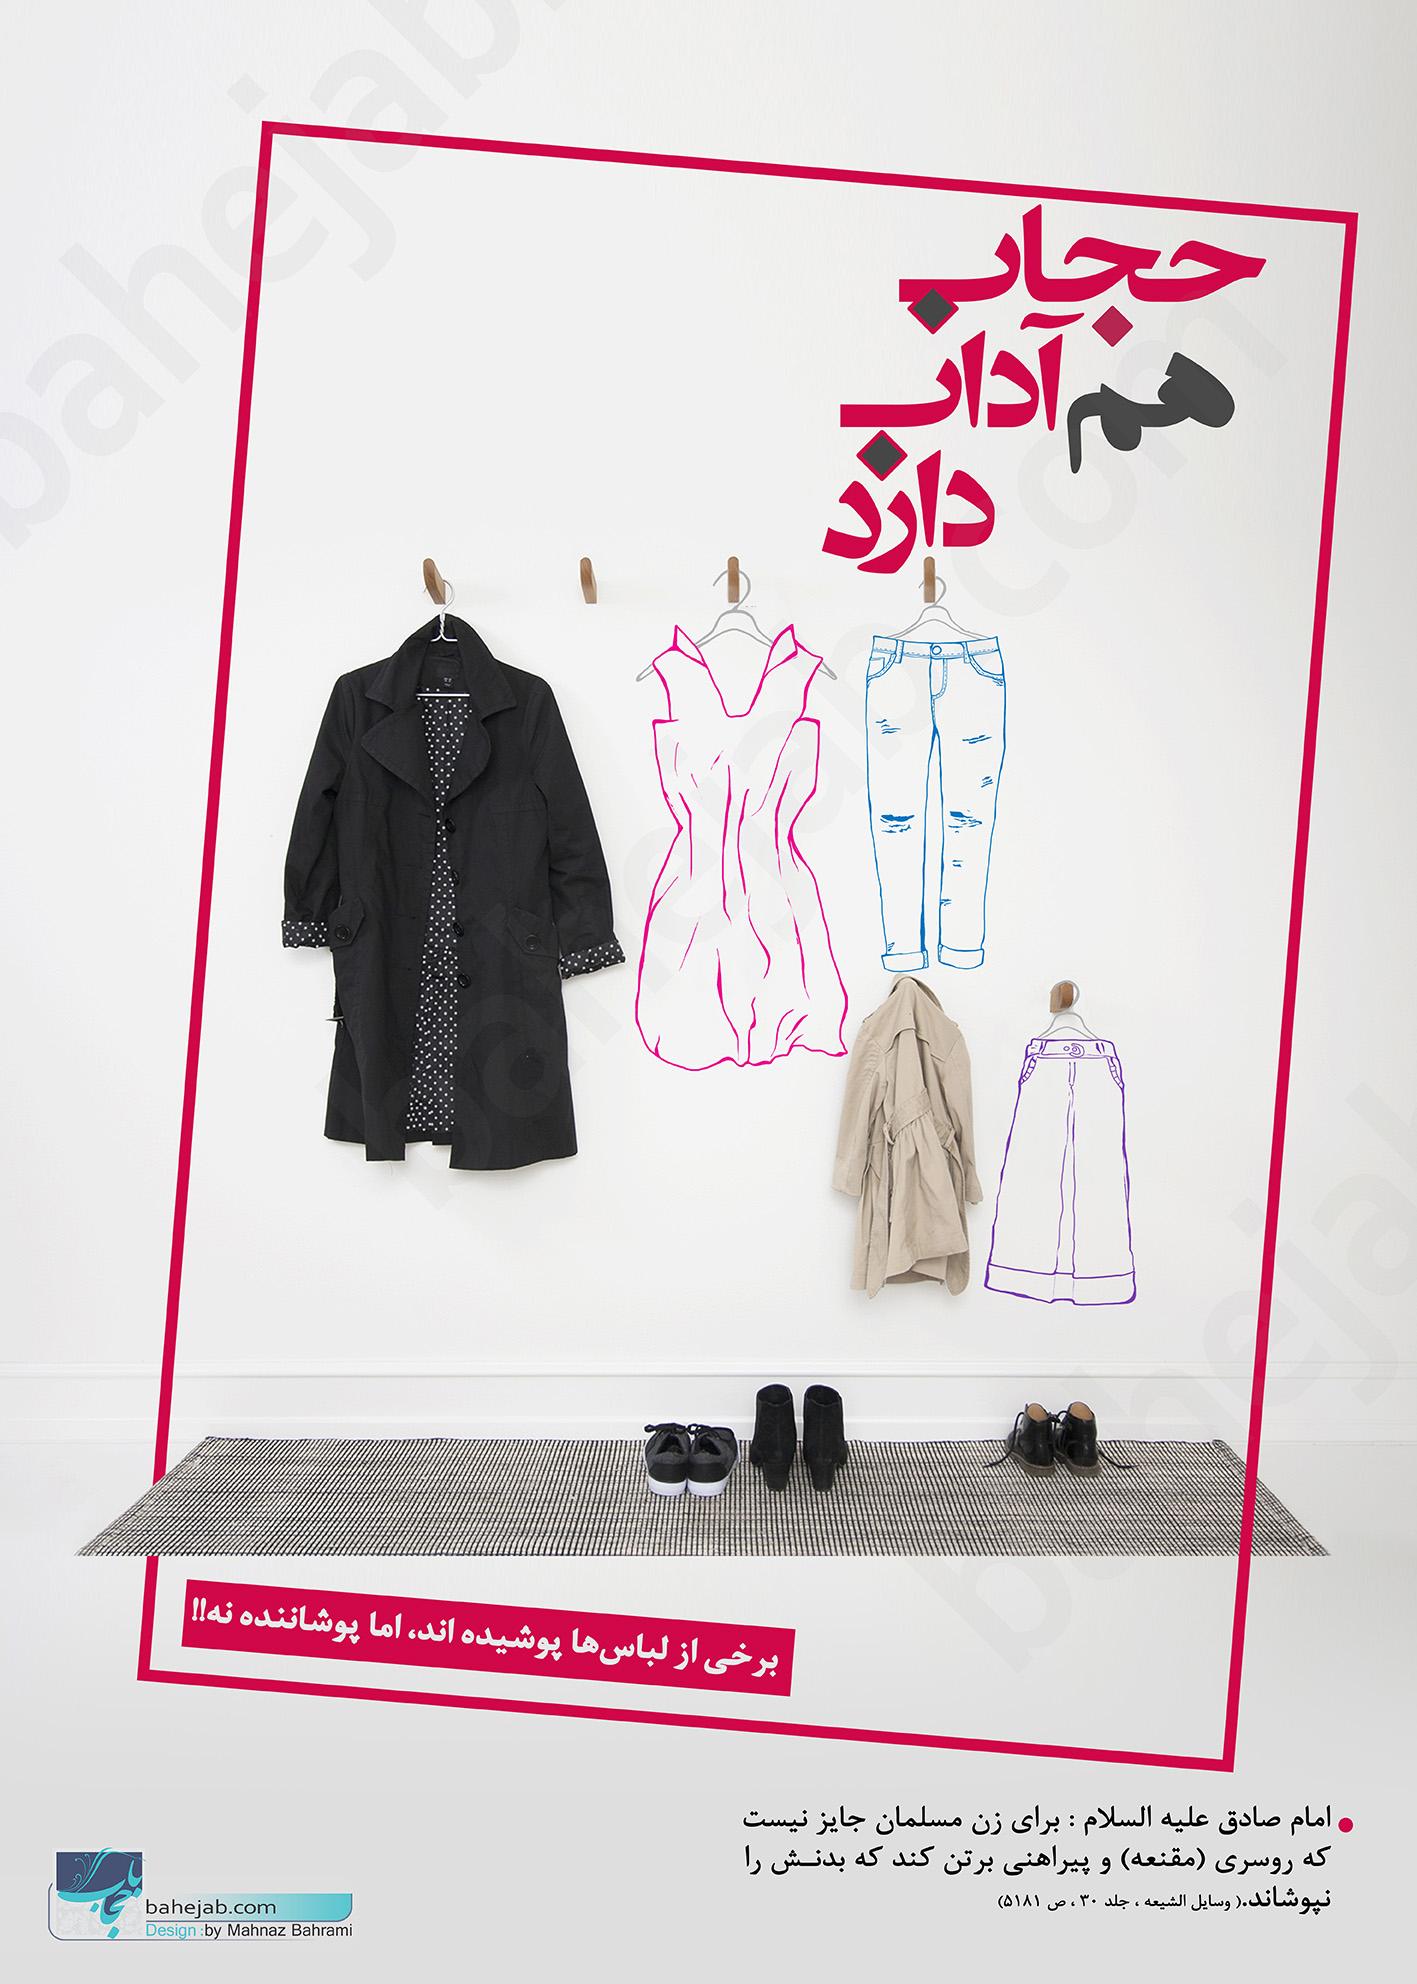 پوستر-لباسی-که-بدن-را-پوشش-ندهد